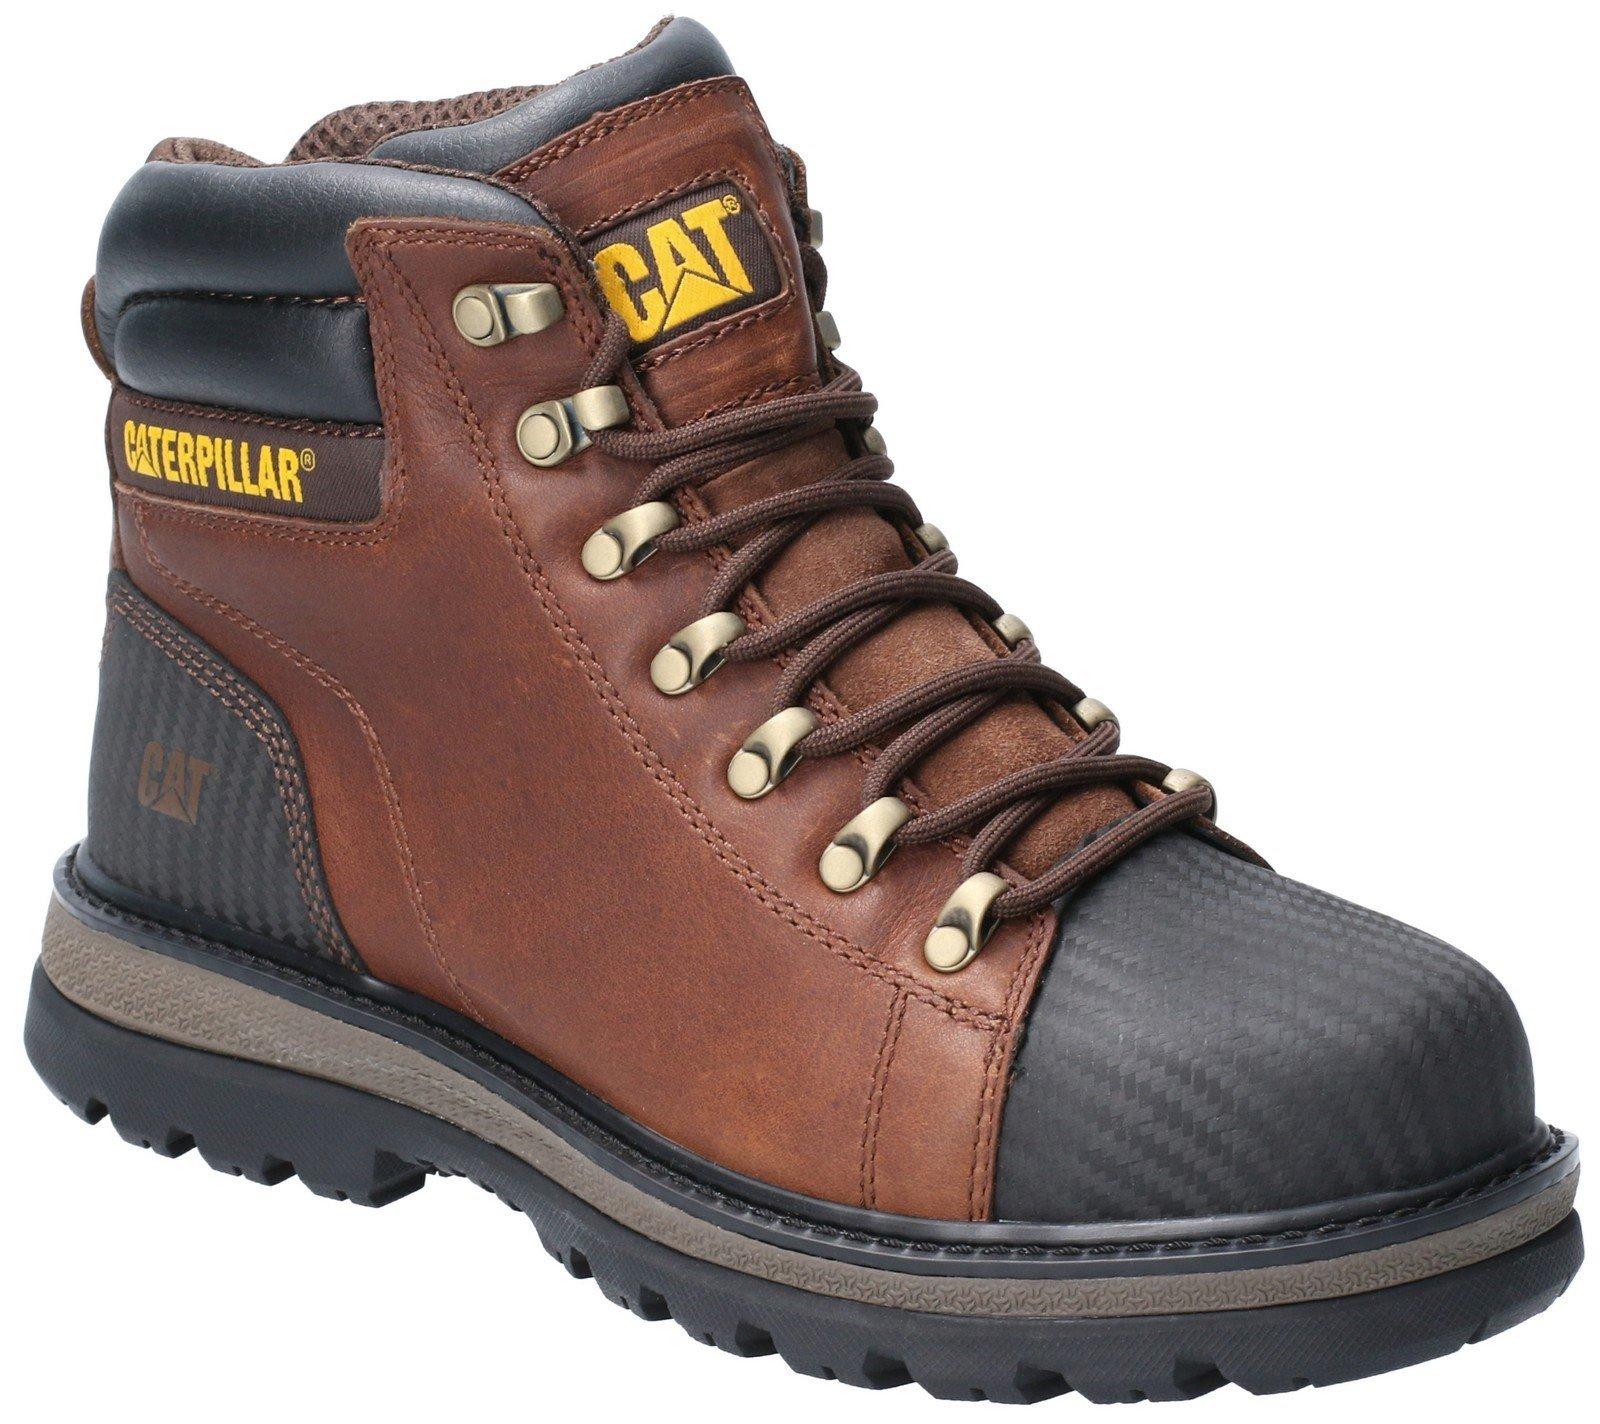 Caterpillar Men's Foxfield Lace Up Safety Boot Oak 29661 - Oak 6